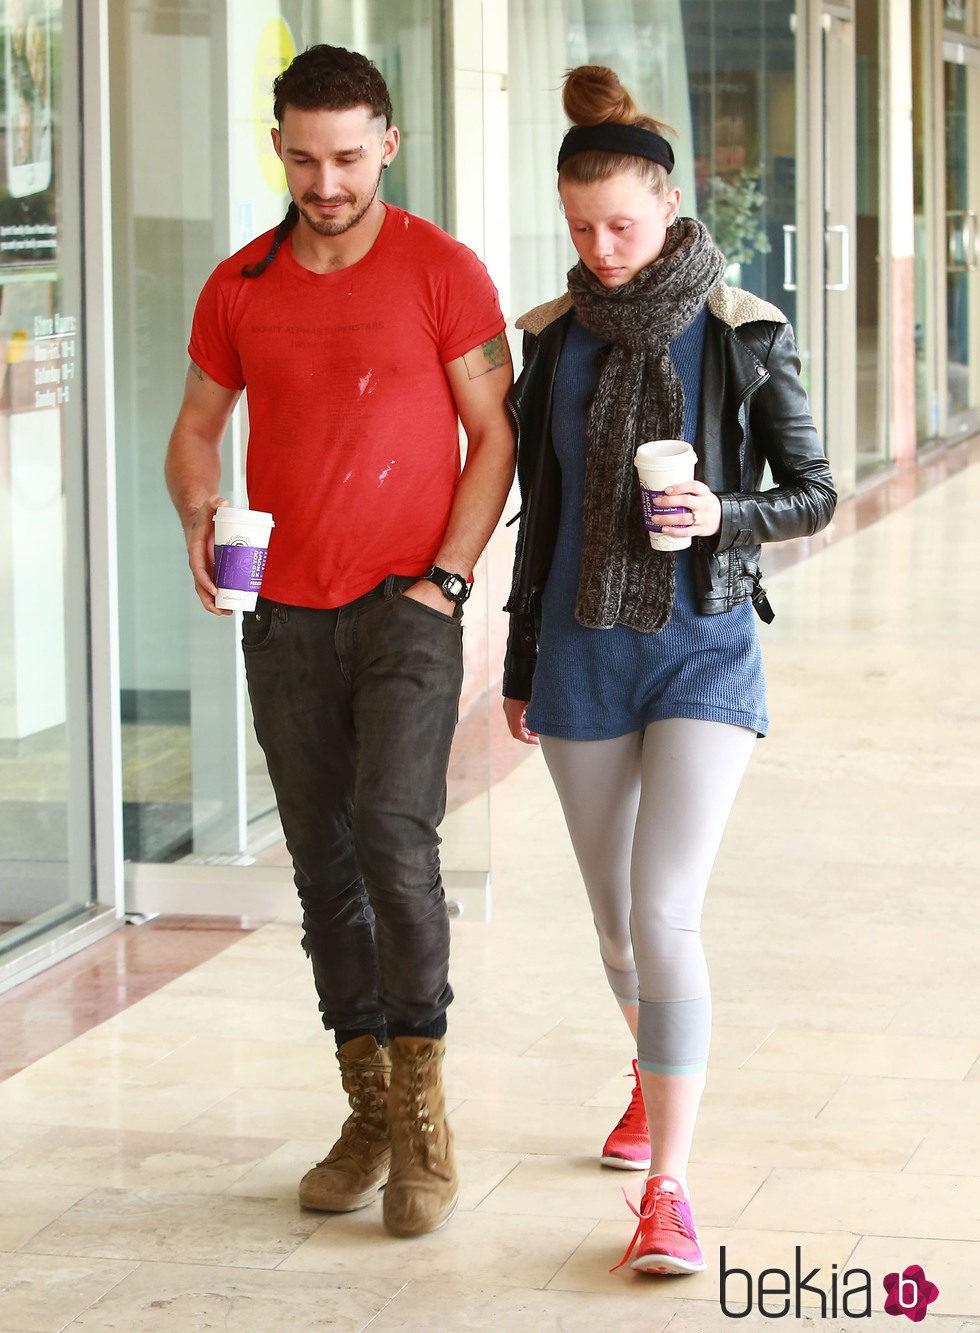 Shia LaBeouf y su novia Mia Goth paseando por Los Angeles